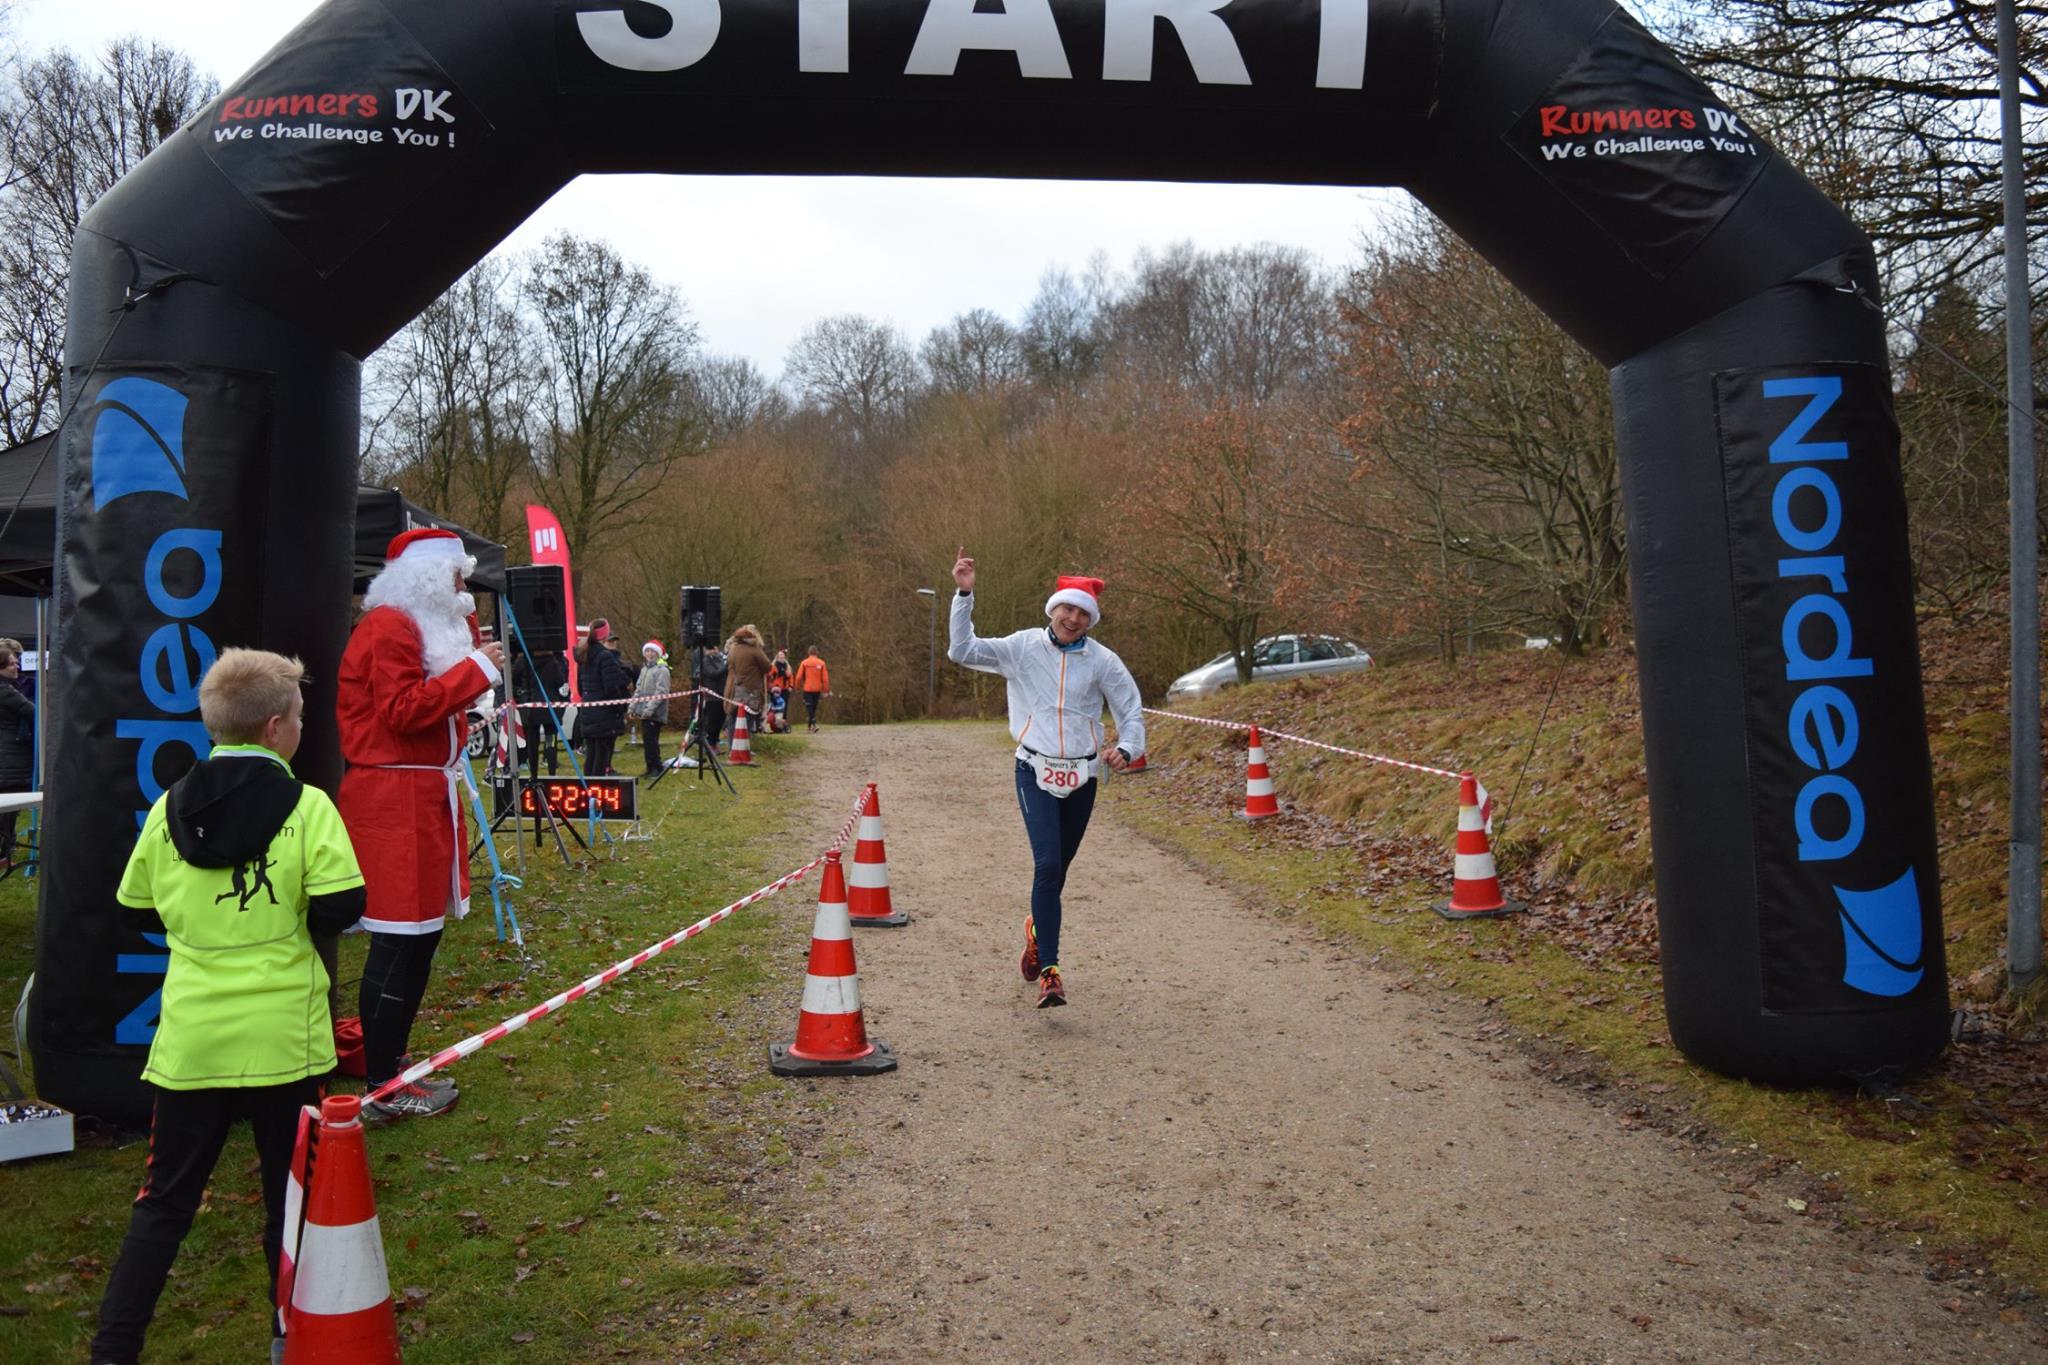 Første omgang - så er der kun tre tilbage! Foto: Runners DK